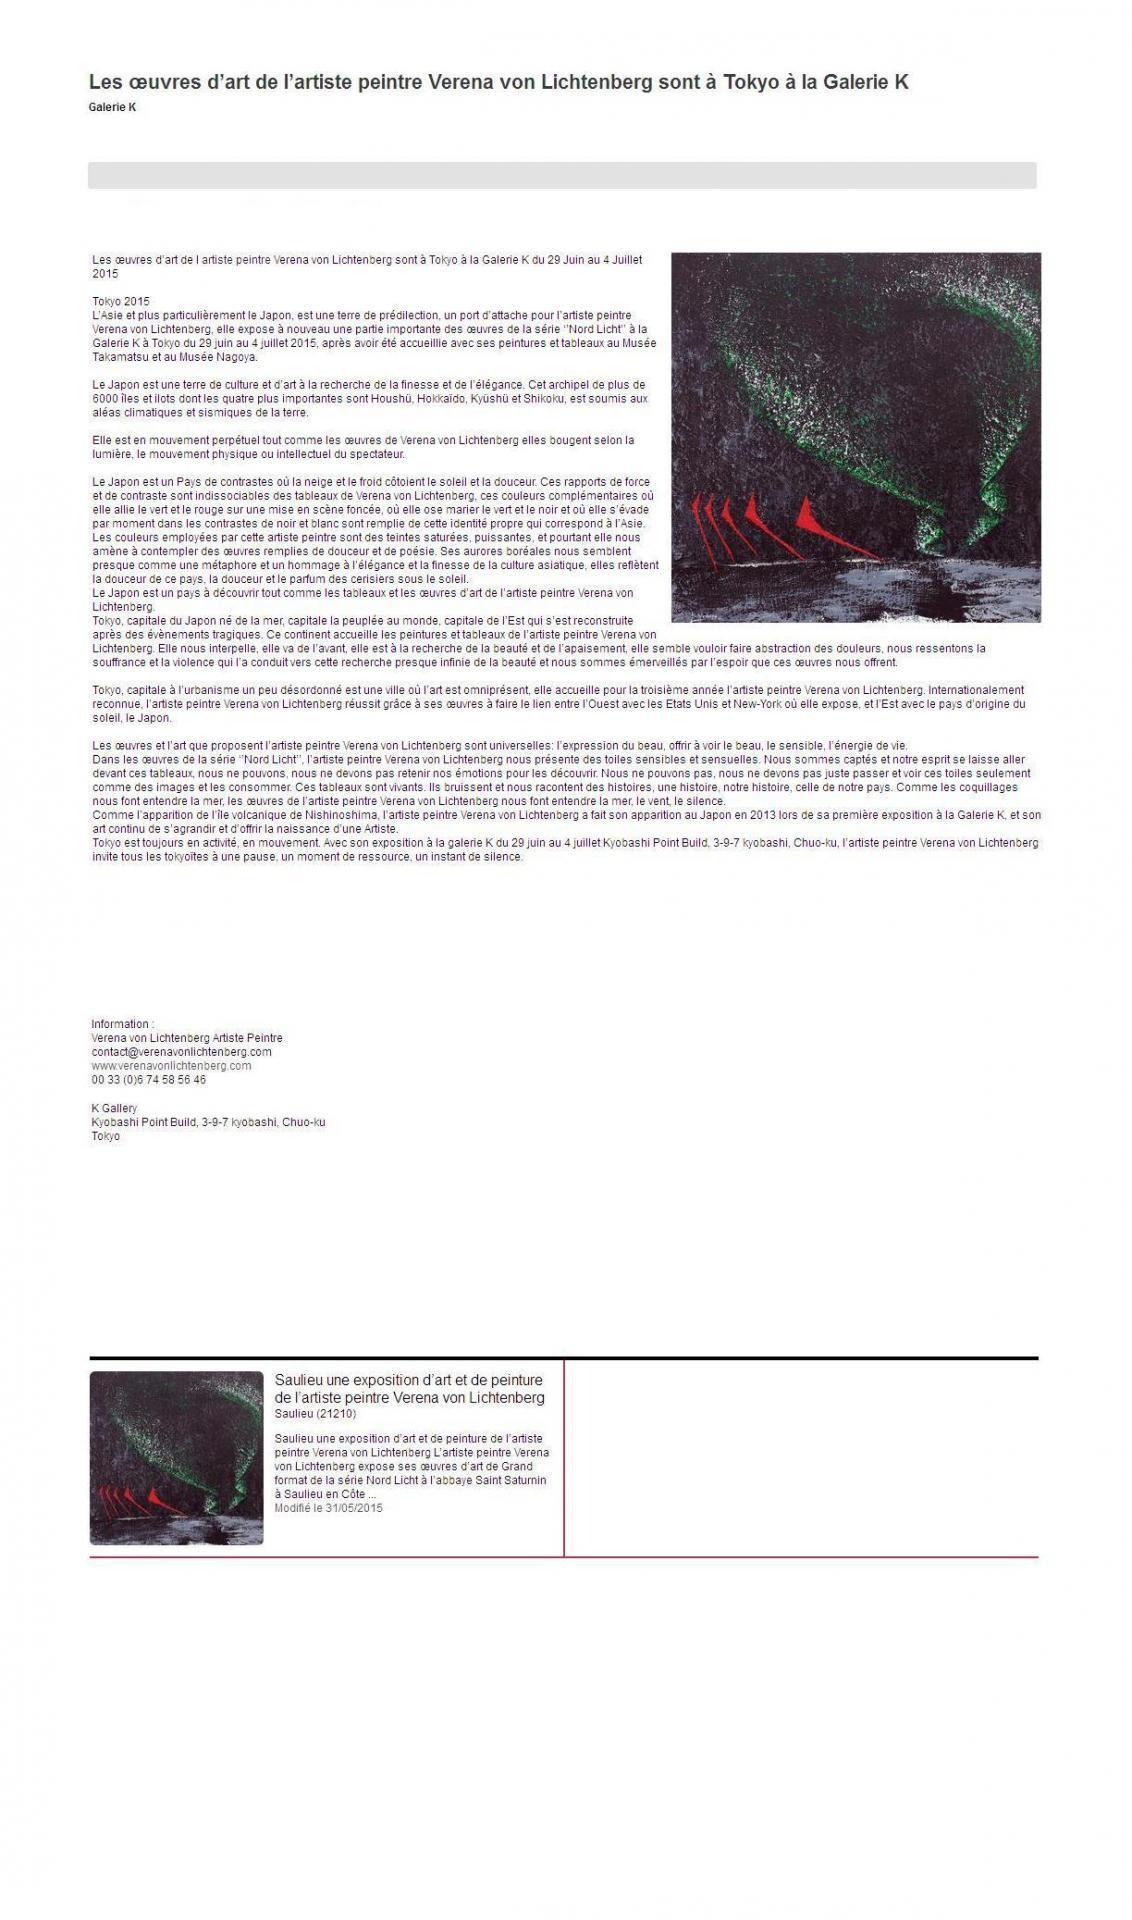 Tokyo galery k verena von lichtenberg exposition d art tableaux toiles nord licht